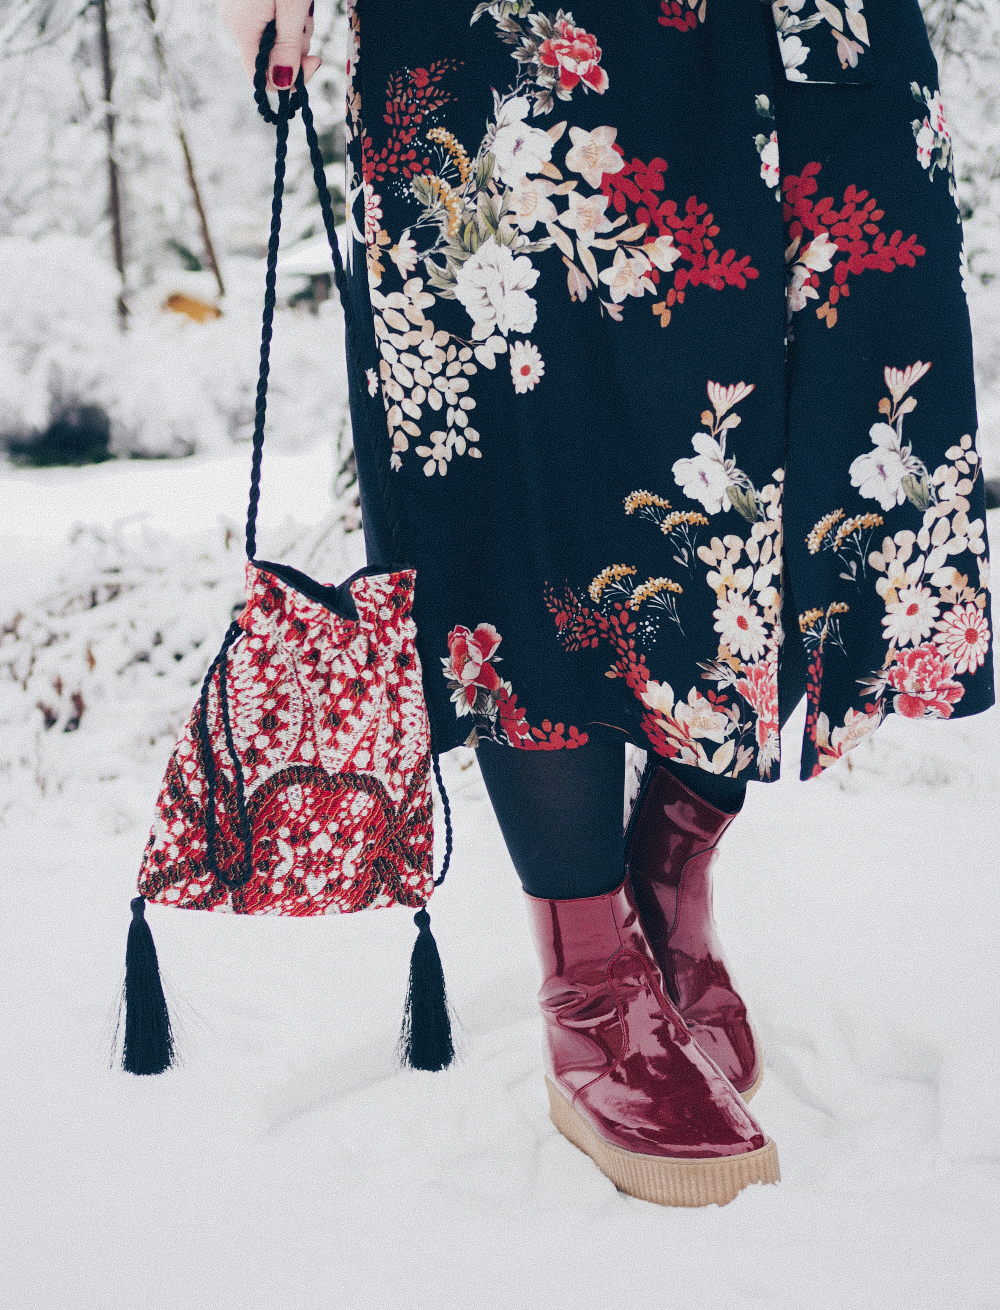 Viininpunainen toimii vaatteissa, kengissä ja huulilla